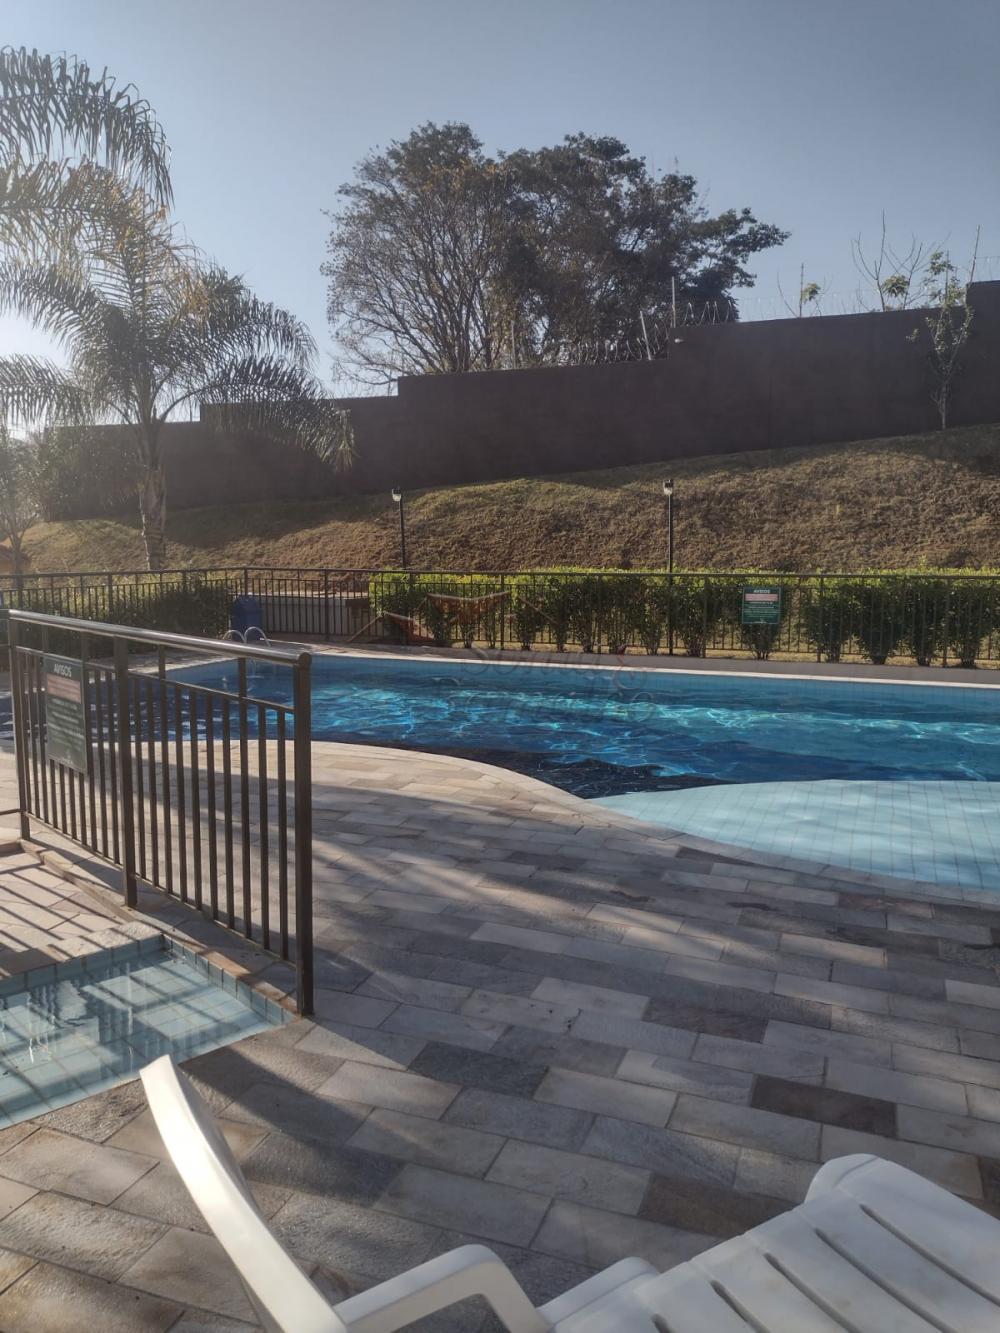 Comprar Casas / Condomínio em Ribeirão Preto R$ 640.000,00 - Foto 32